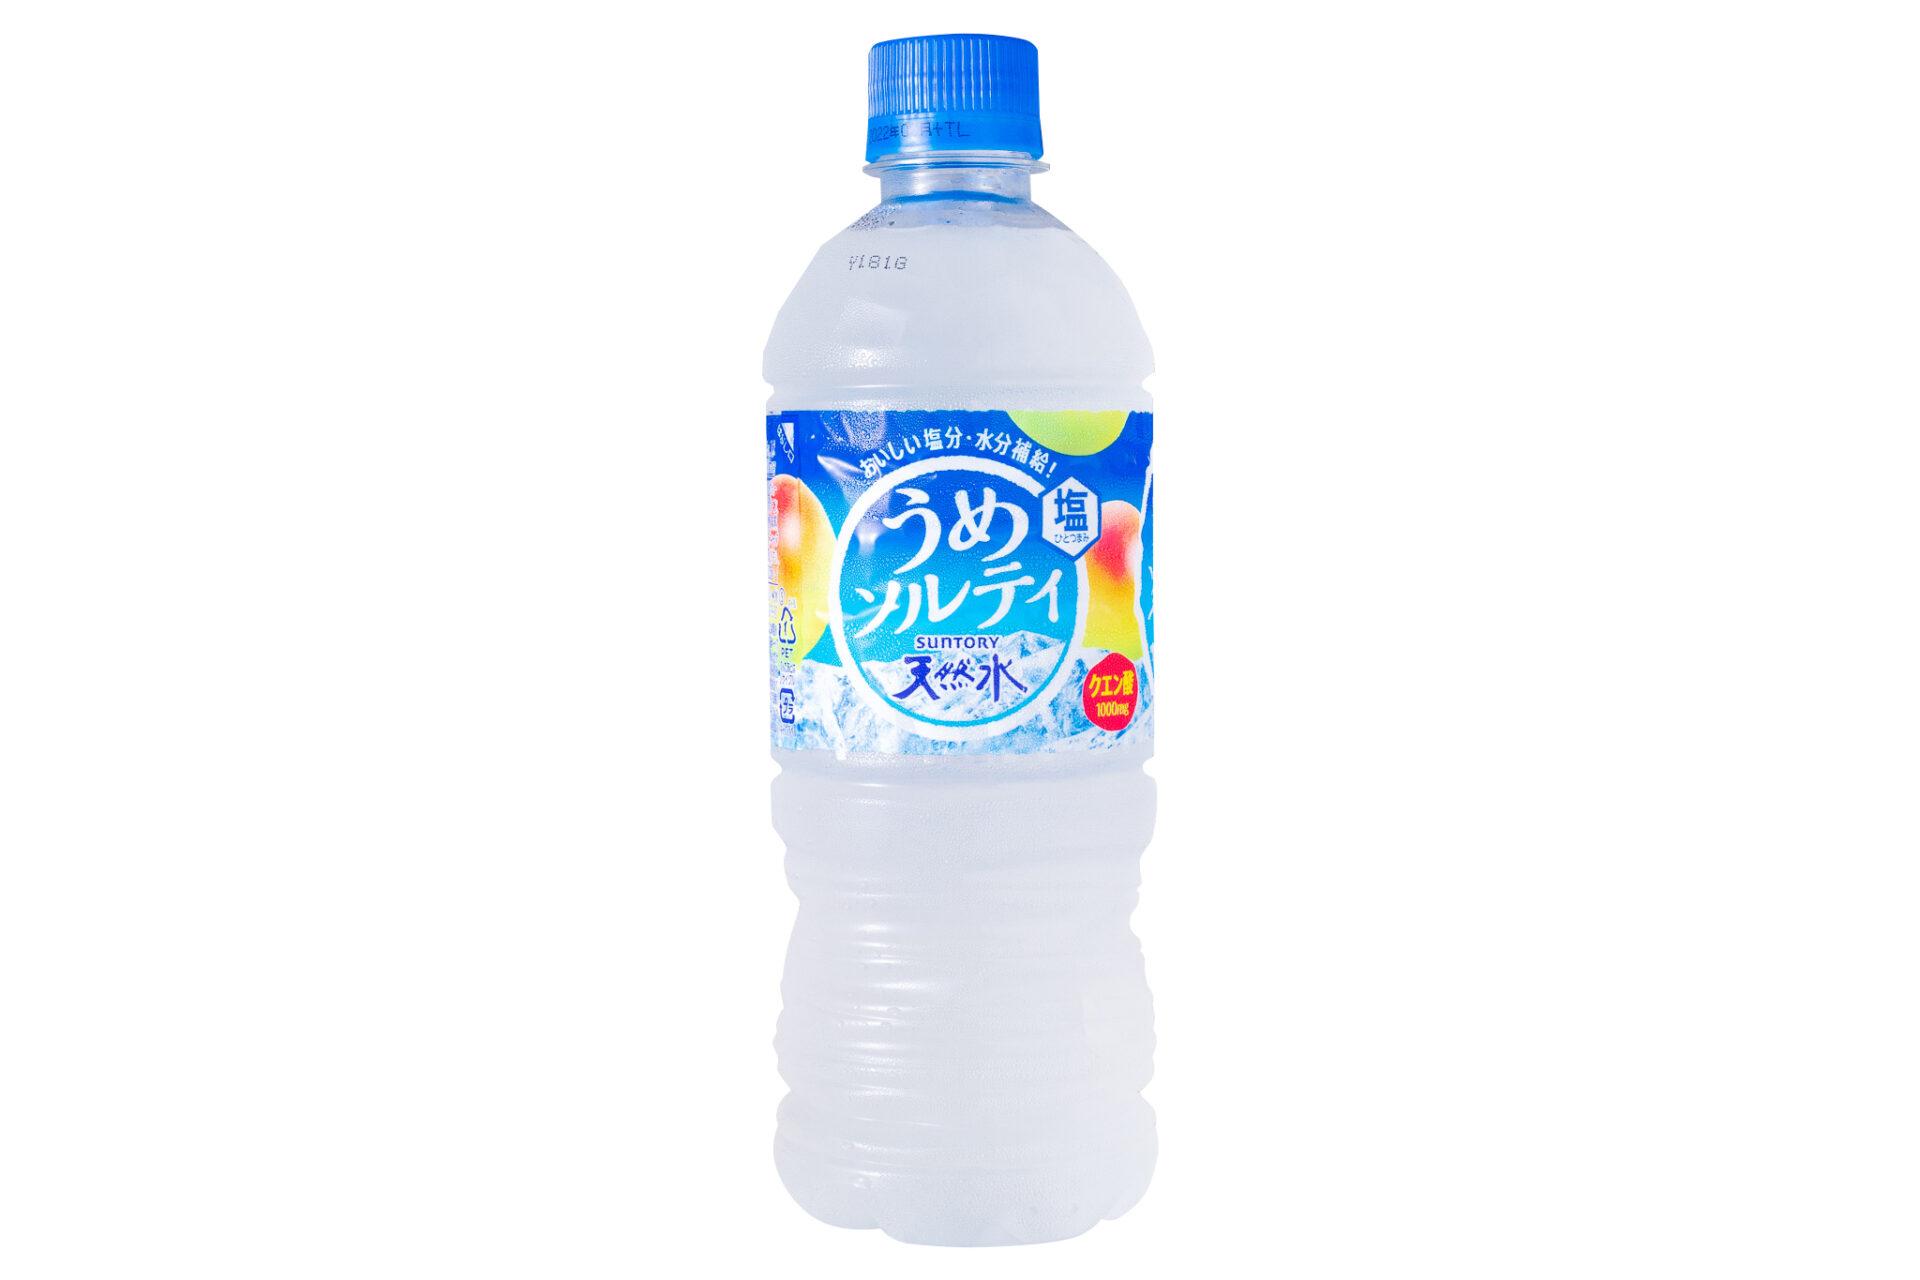 サントリー『サントリー天然水 うめソルティ』